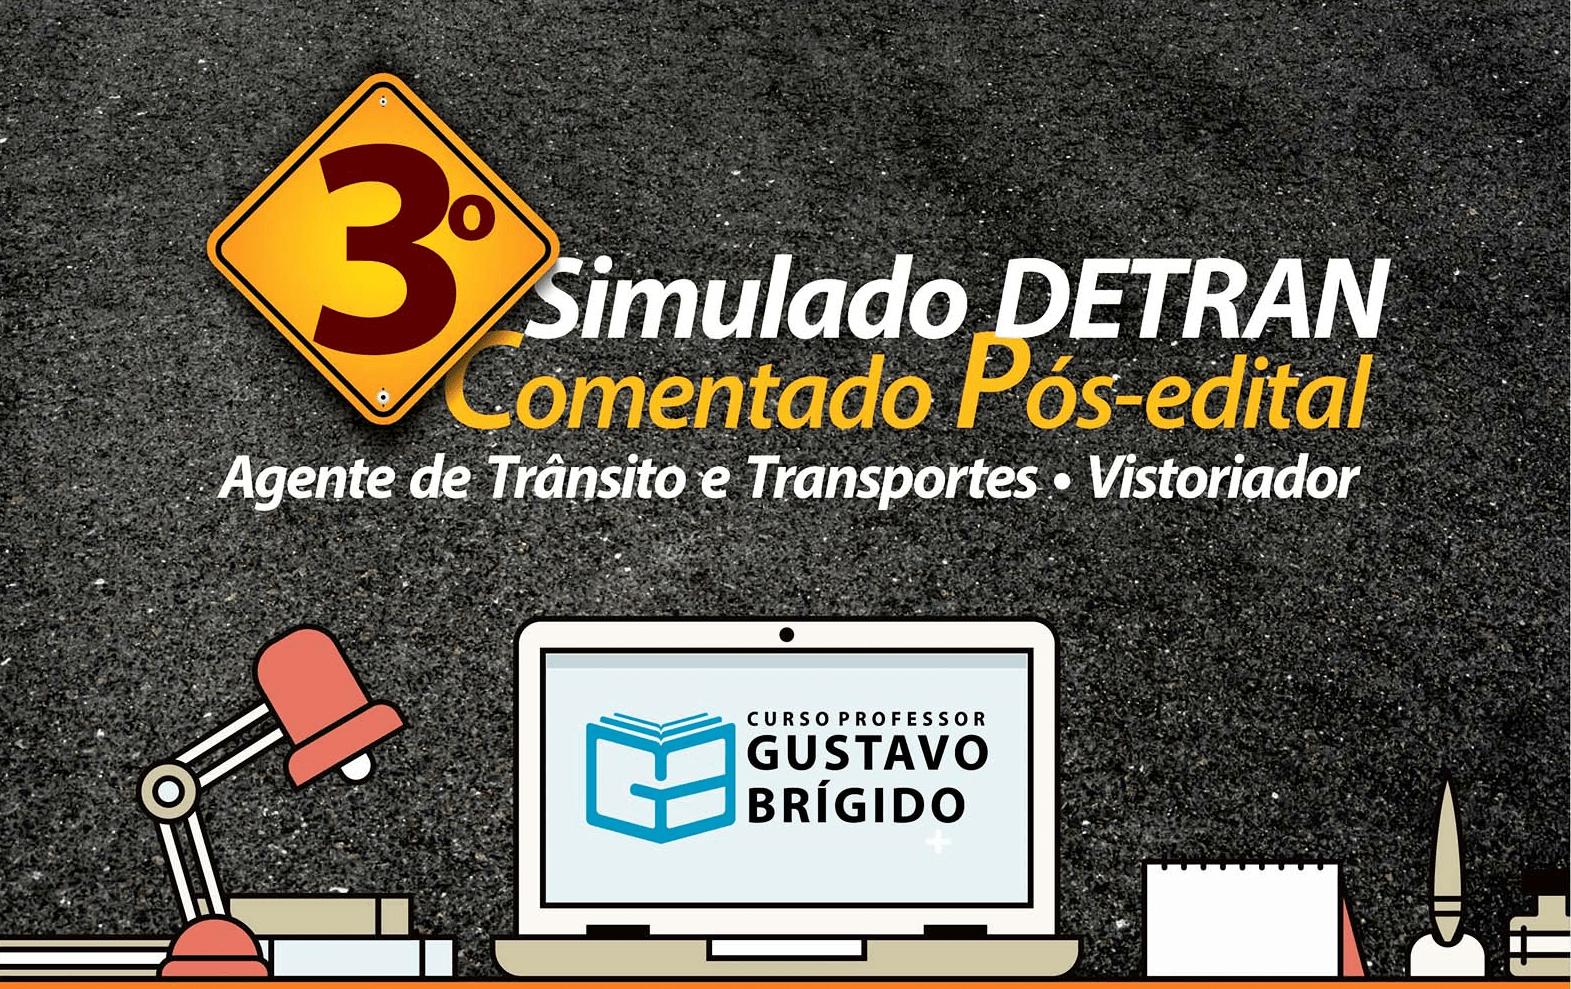 3° SIMULADO DETRAN - EM PDF